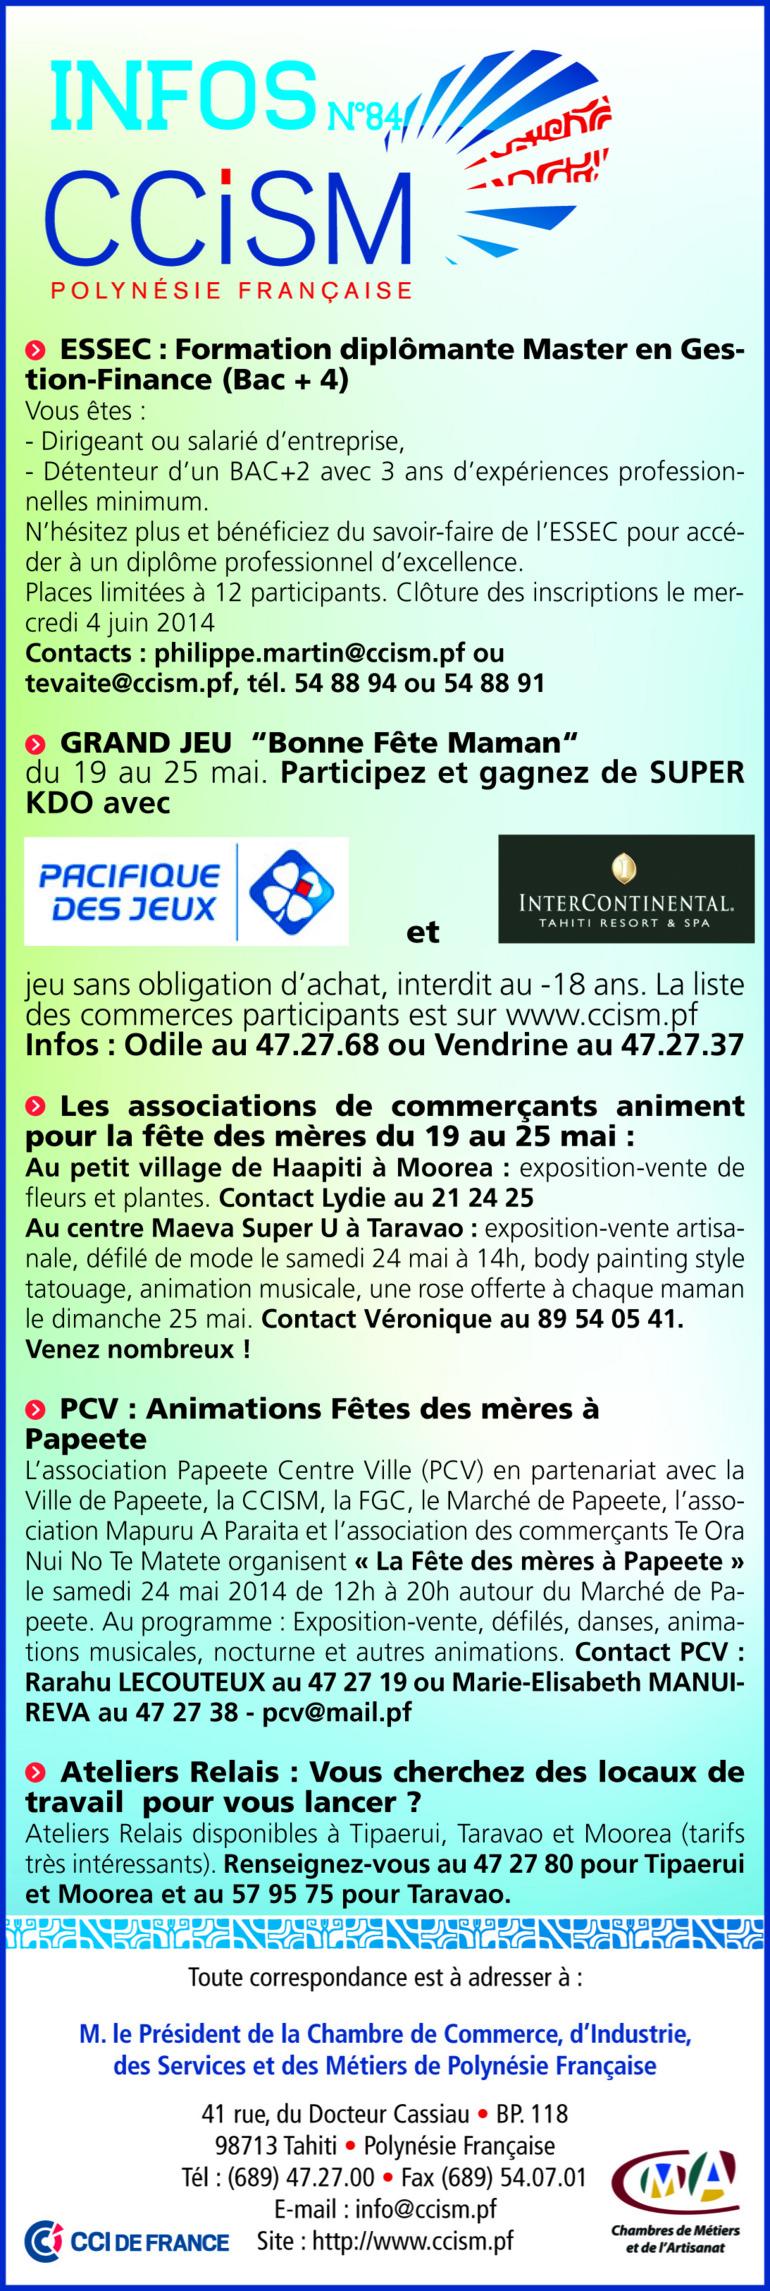 Infos CCISM N°84